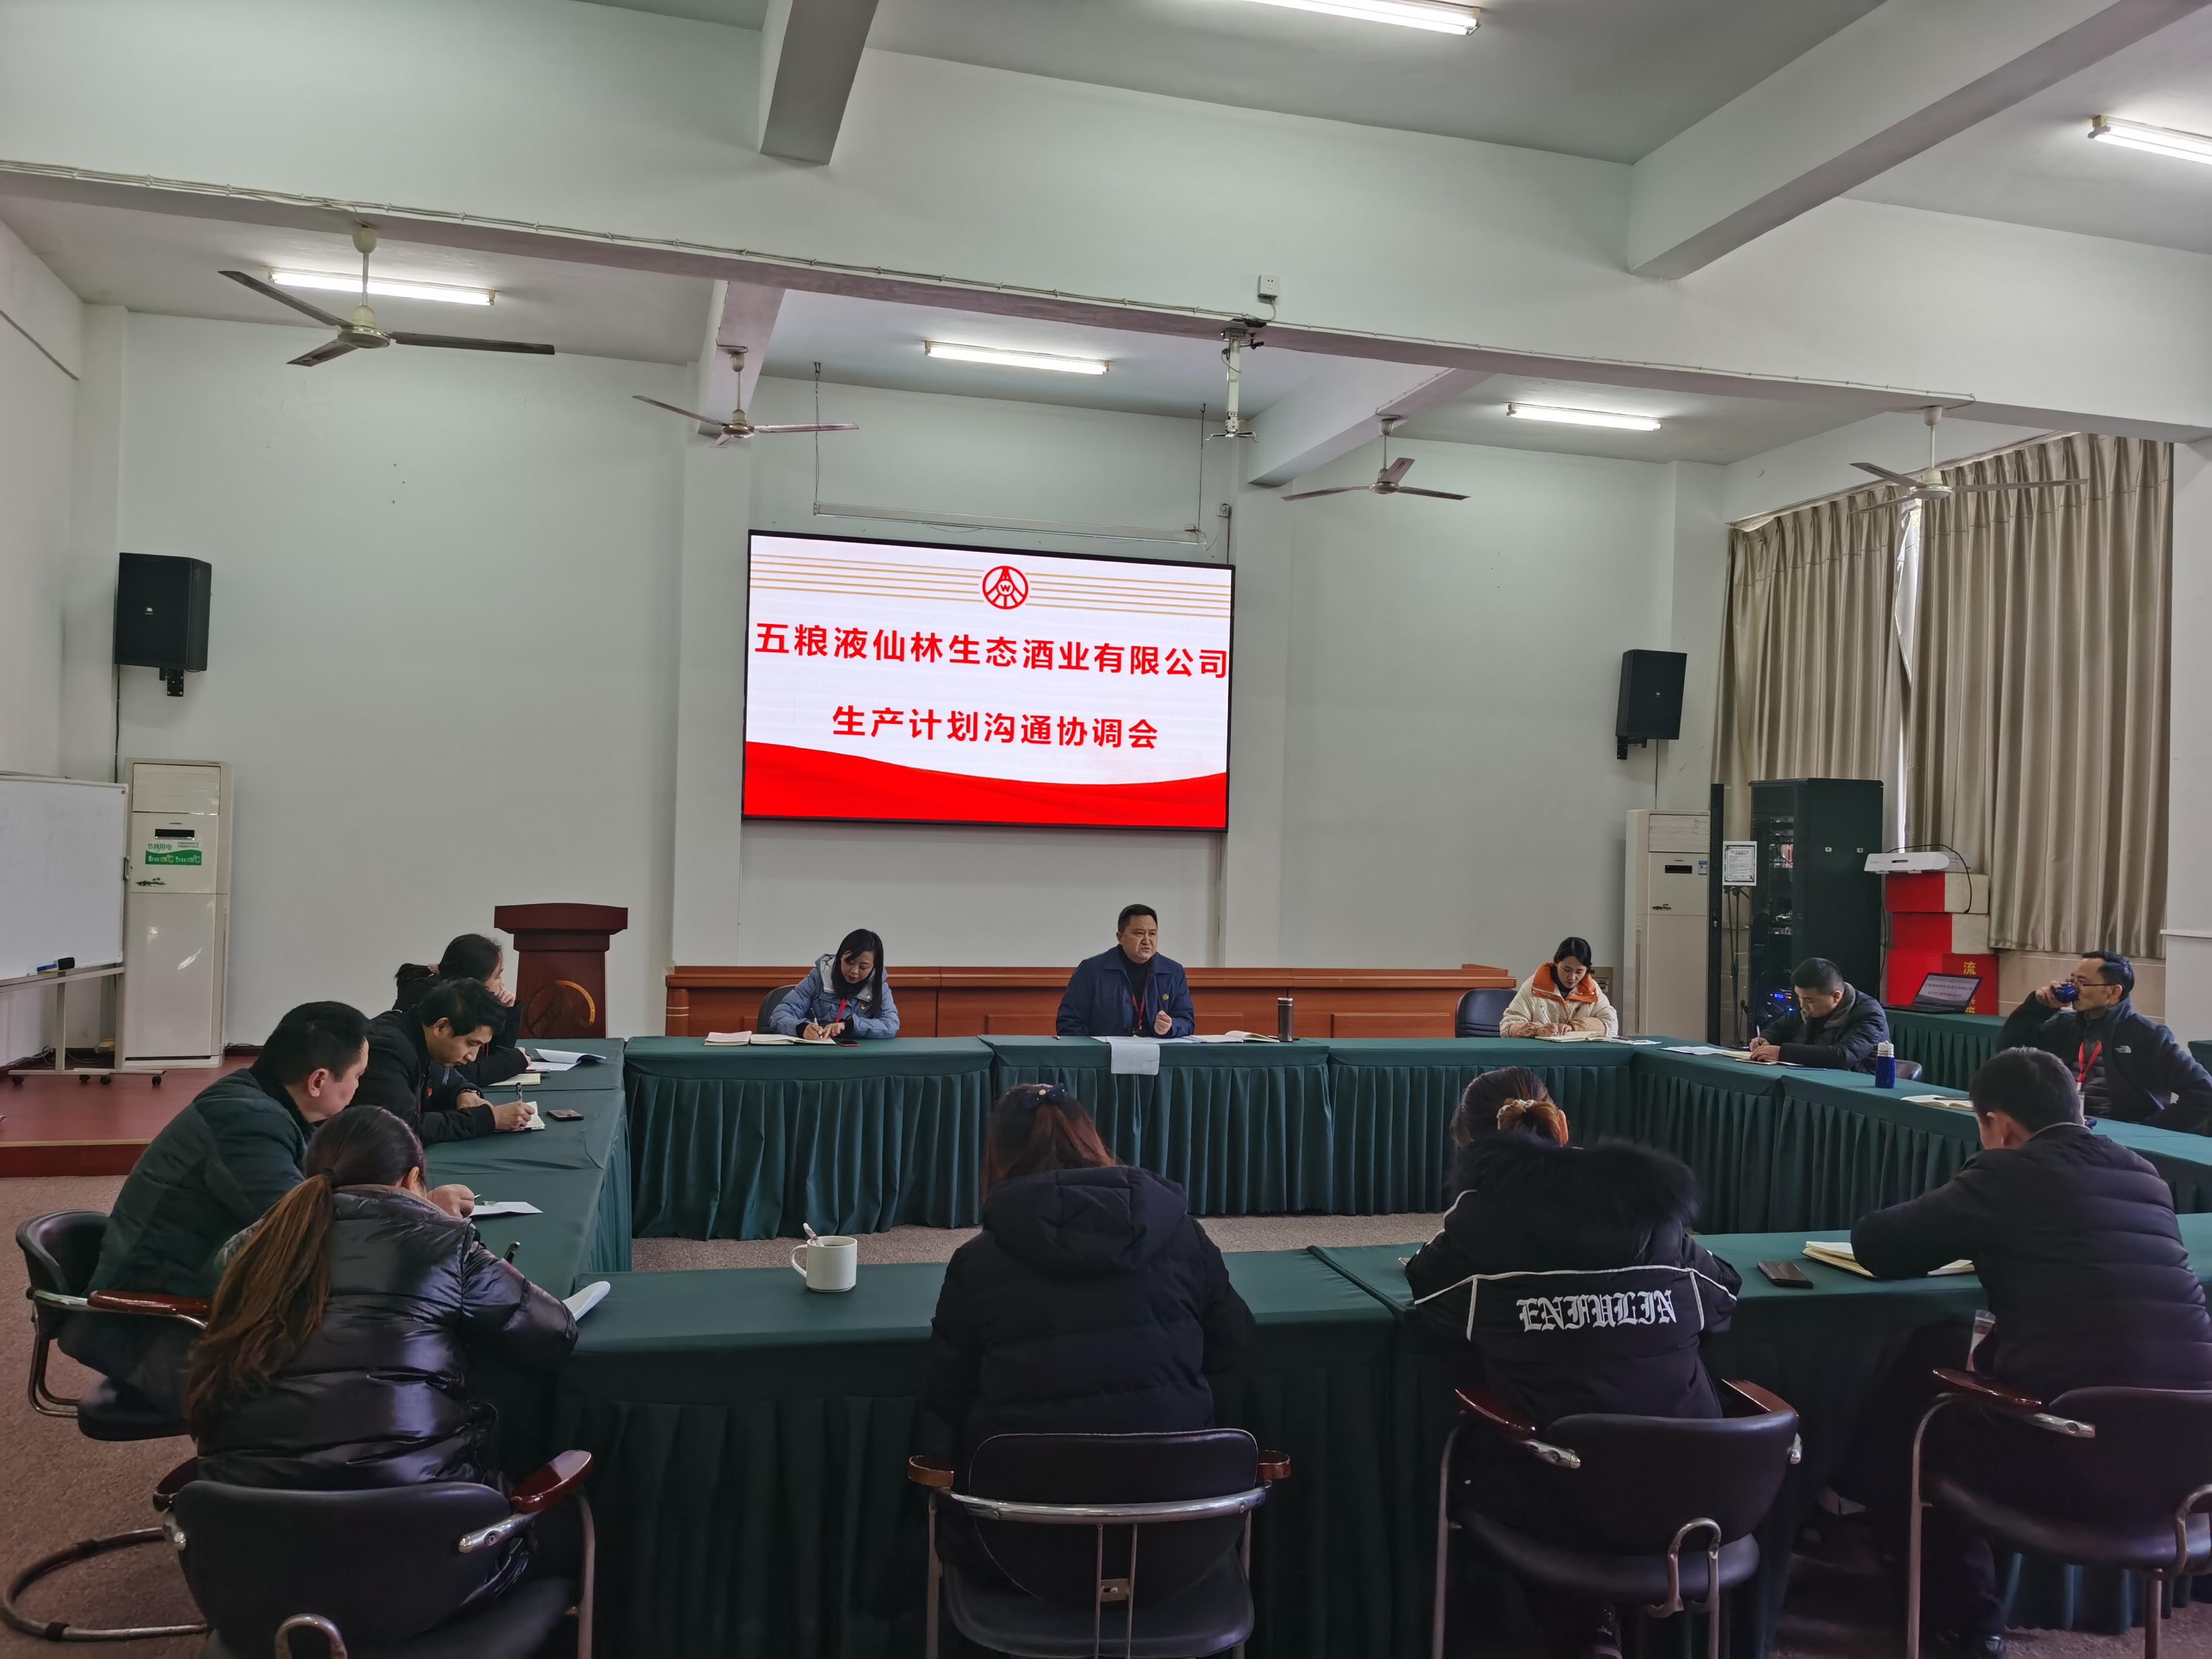 五糧液仙林生態酒業公司召開供商聯動座談交流會